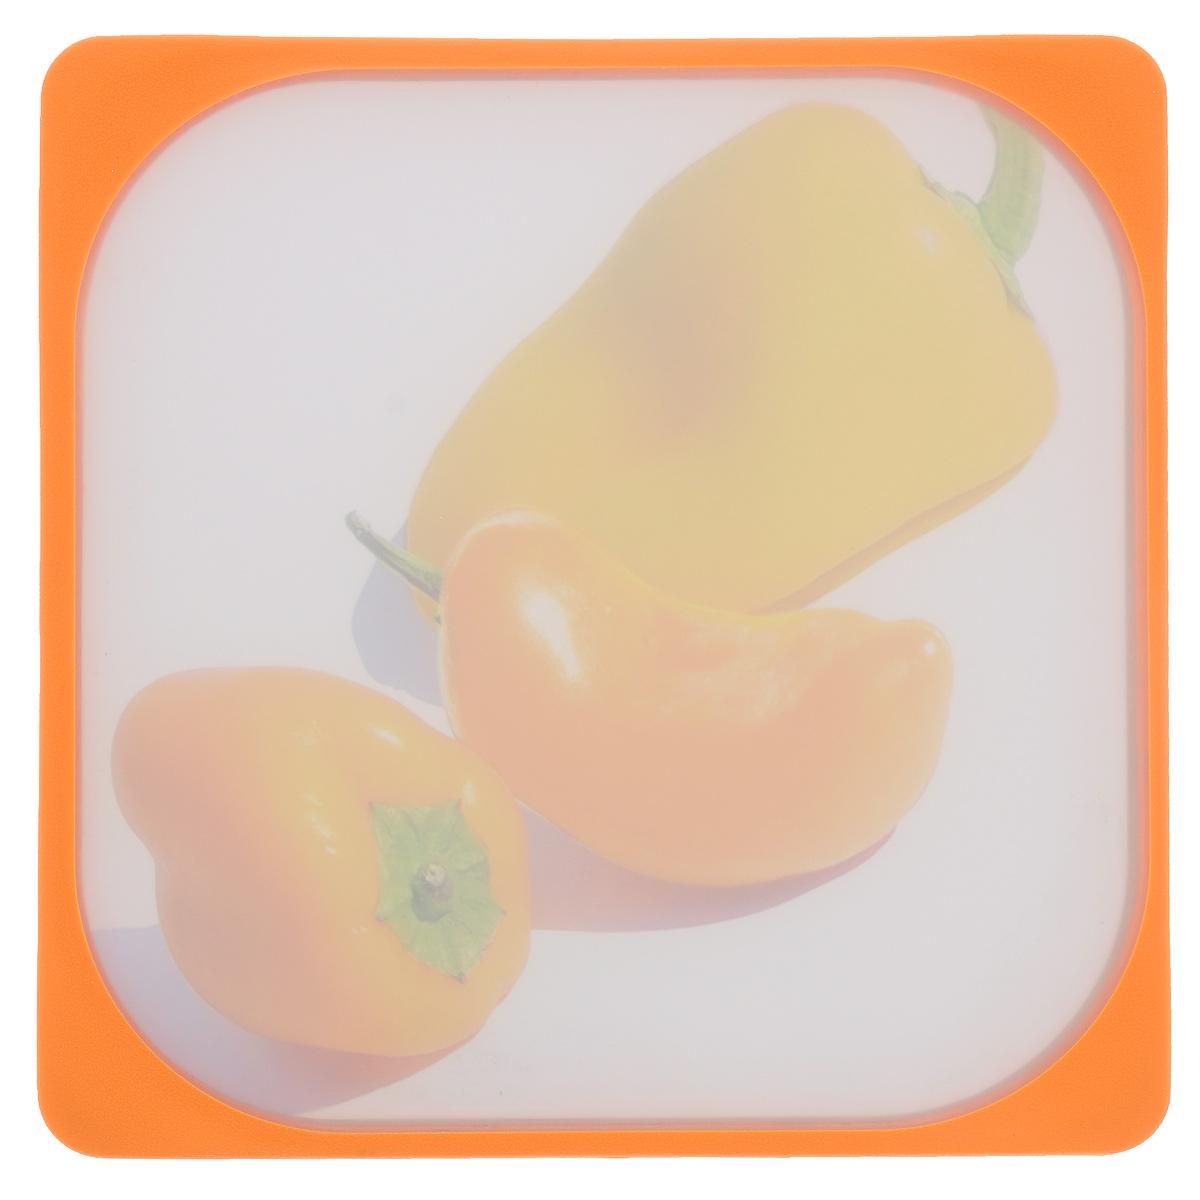 Доска разделочная Frybest Паприка, цвет: оранжевый, 26 х 26 см доска разделочная bravo с силиконовой вставкой цвет коричневый бежевый 33 х 24 х 1 2 см